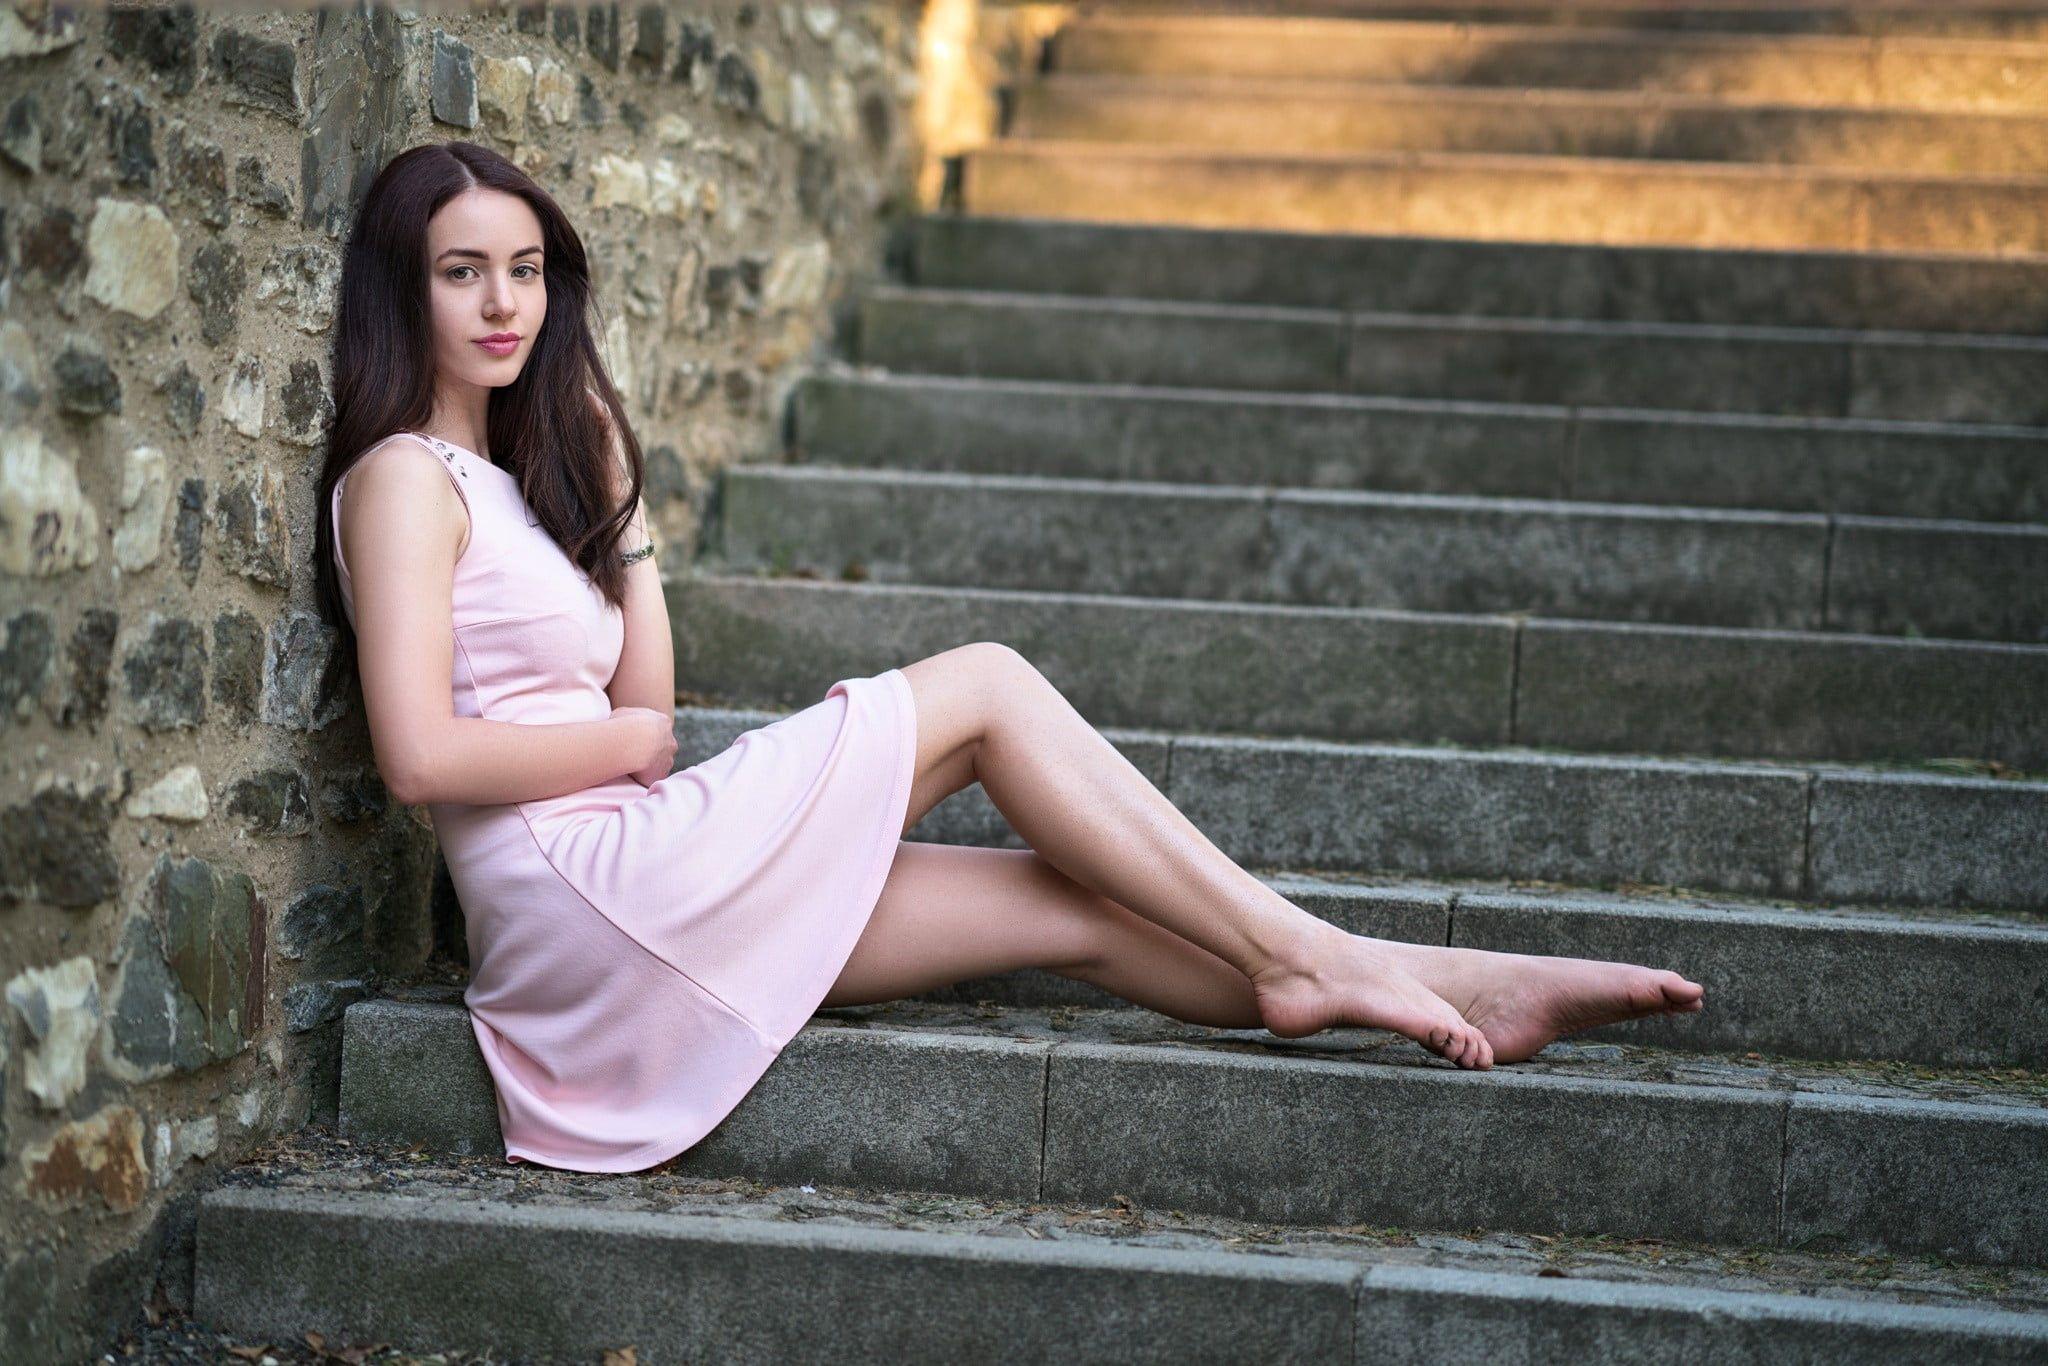 women, model, barefoot, Yury Semenov, brunette, long hair